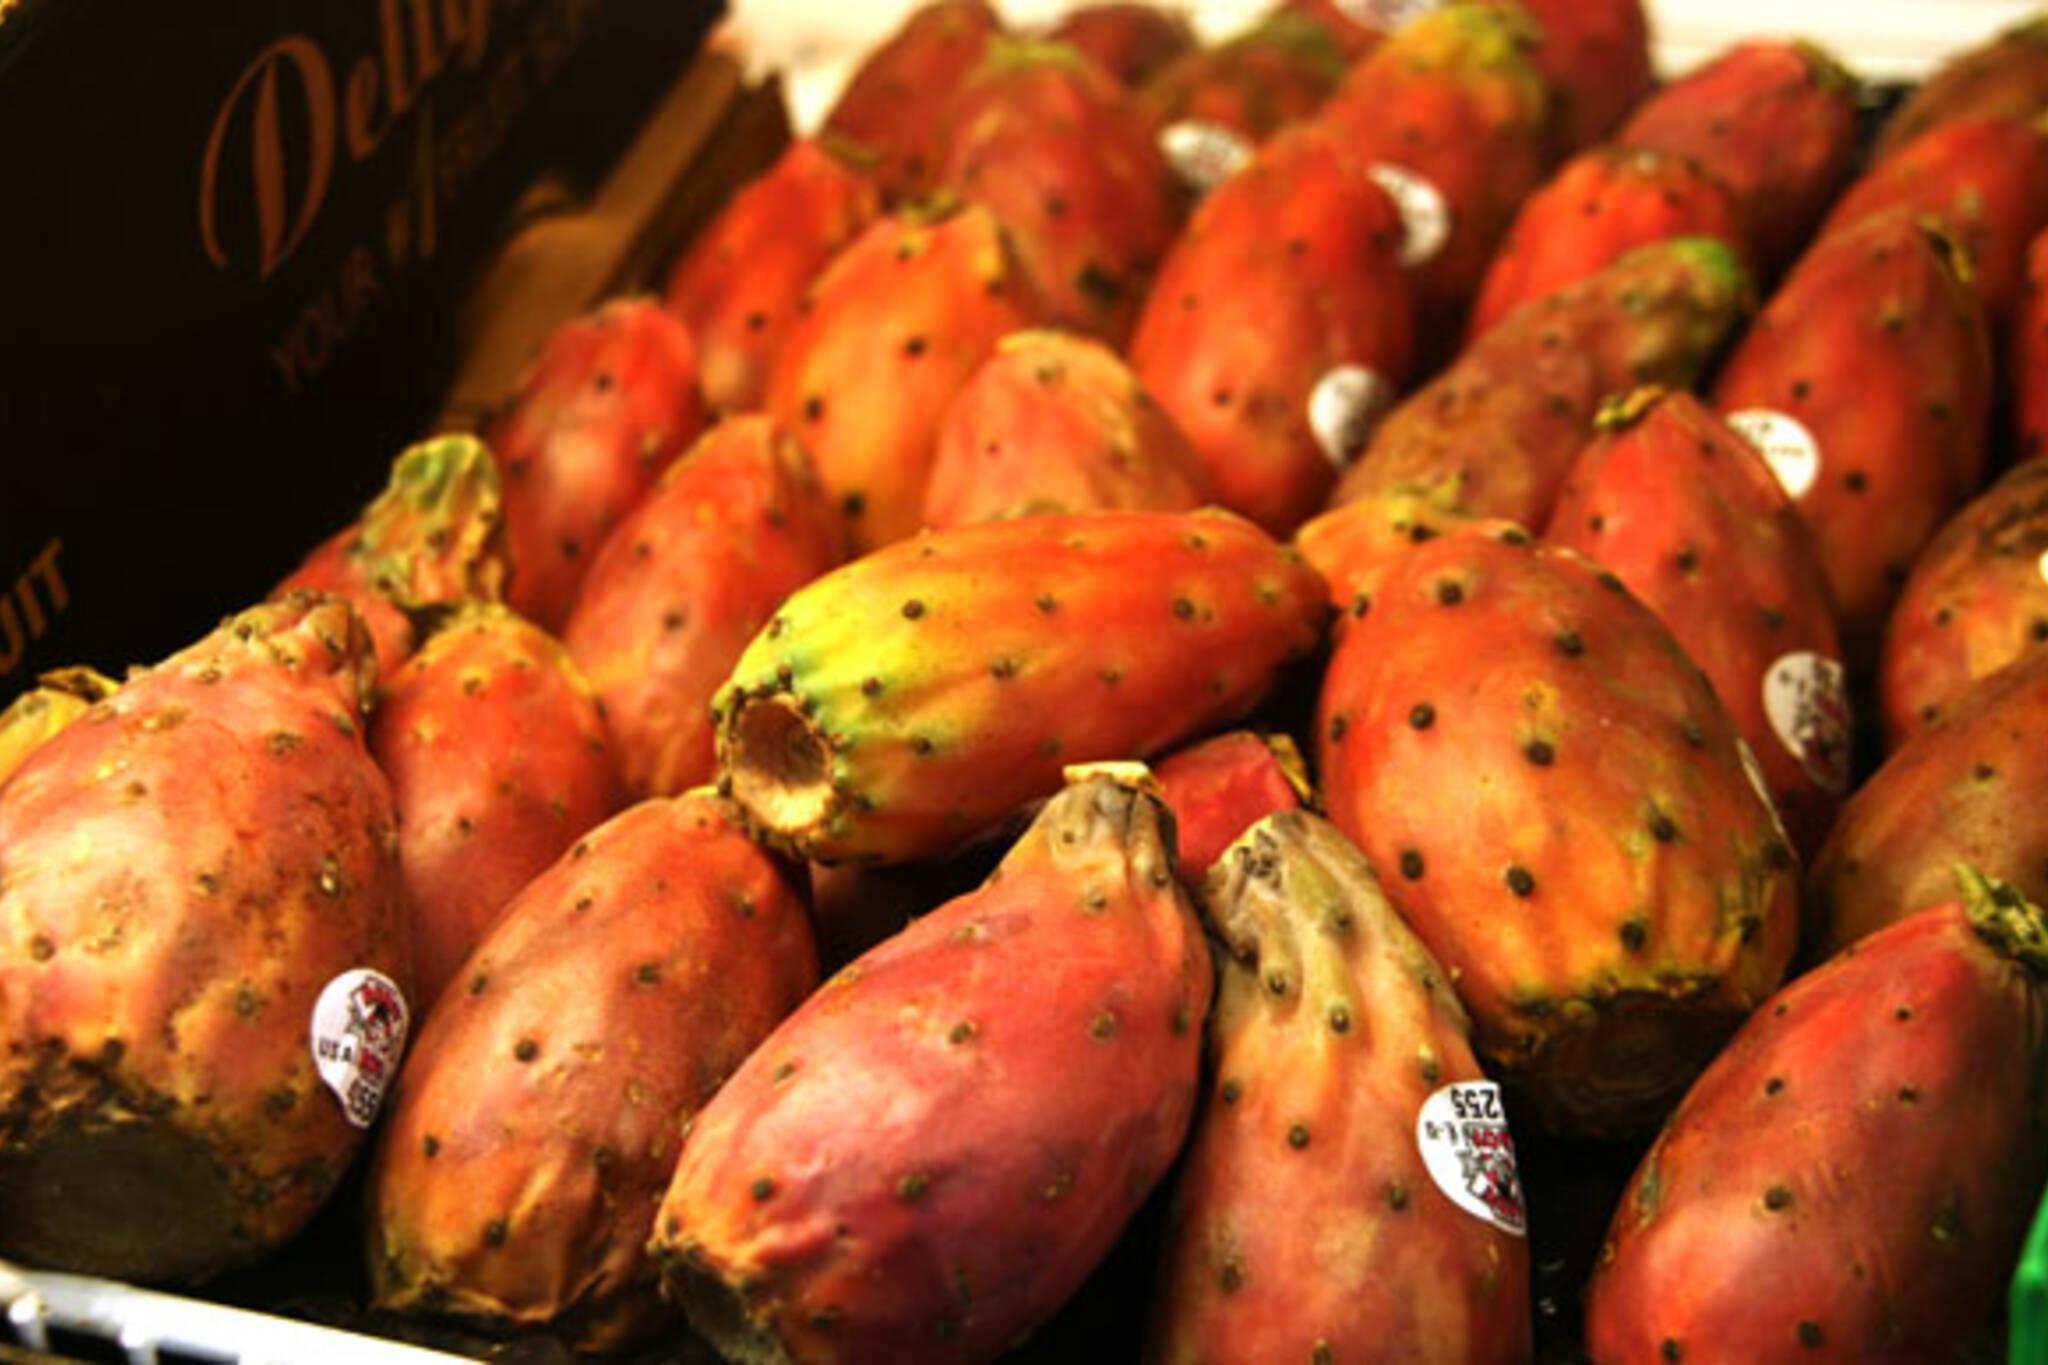 Cataldi Prickly Pears